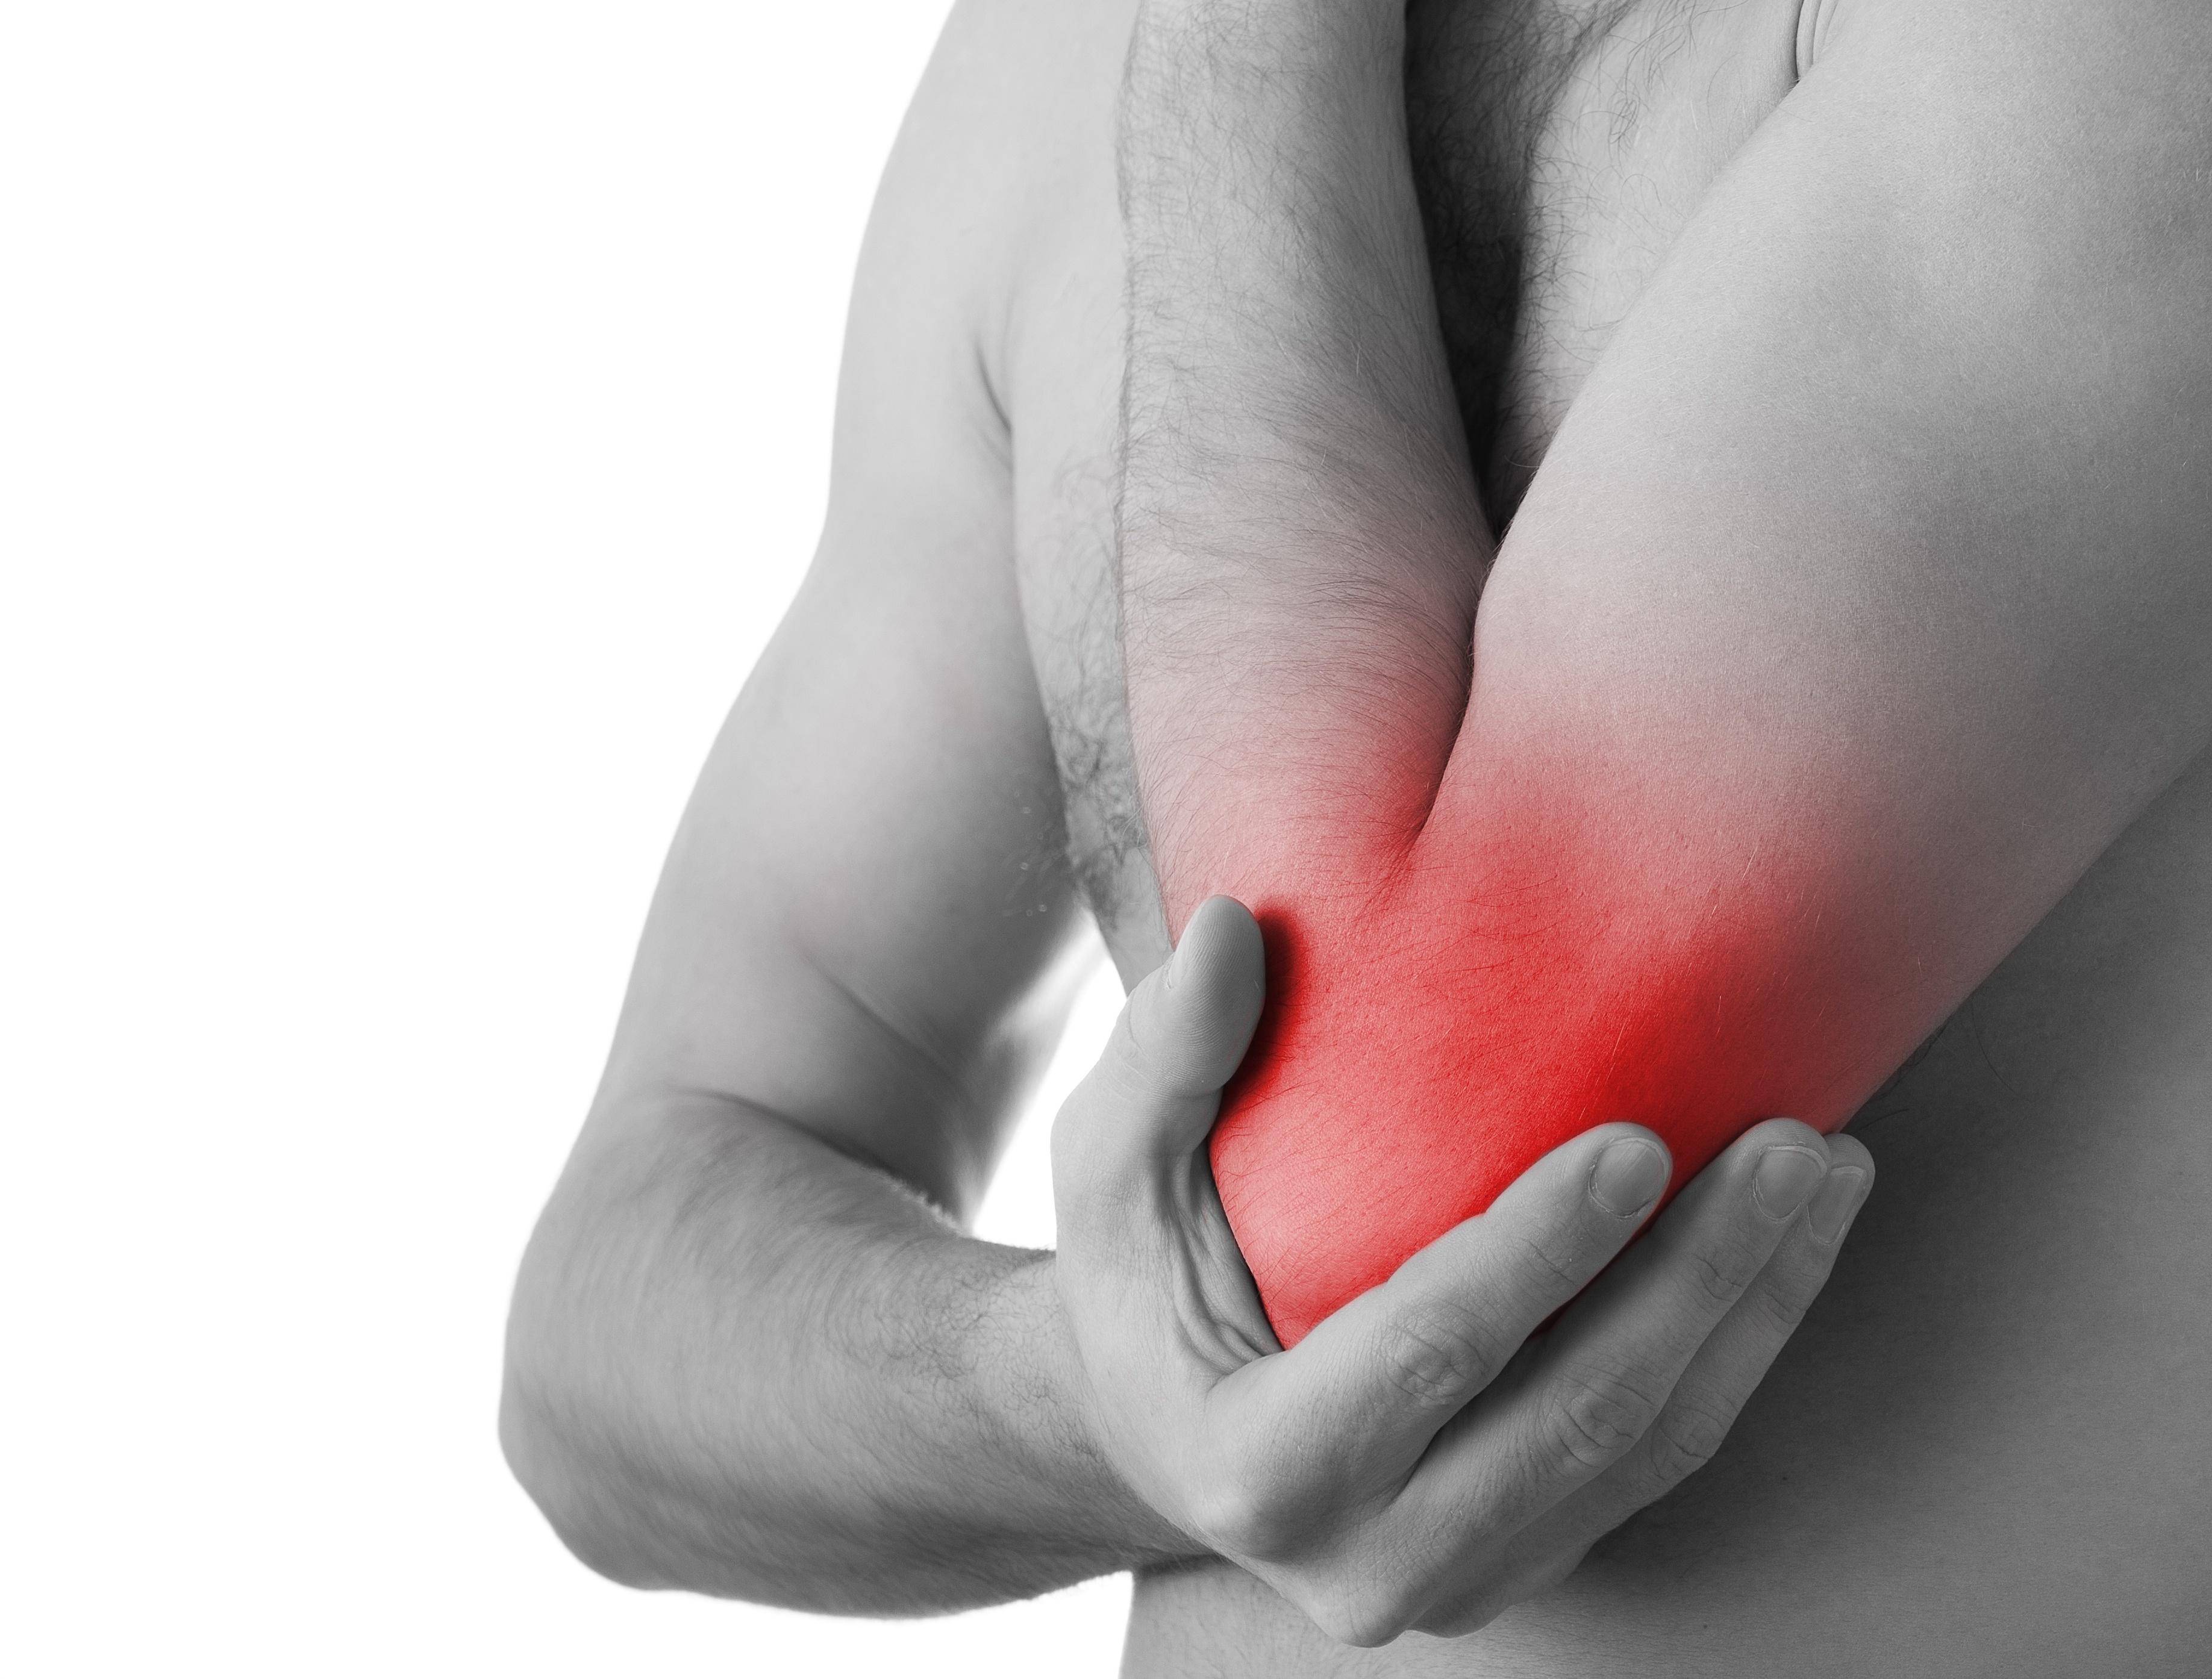 glikozidok ízületi fájdalmak kezelésére)